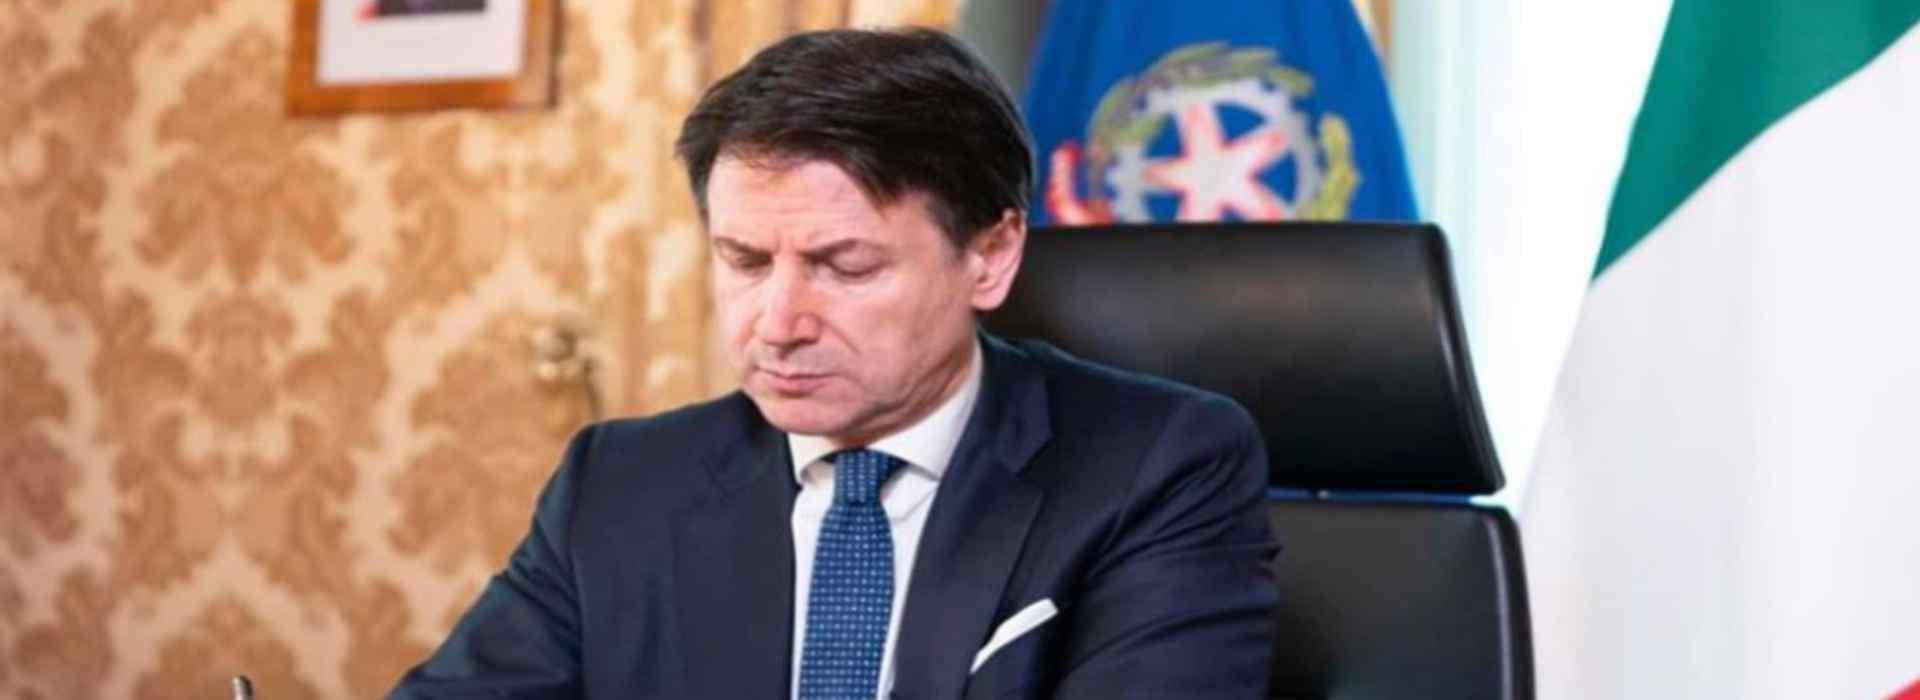 In vigore il nuovo dpcm: Conte firma le nuove restrizioni